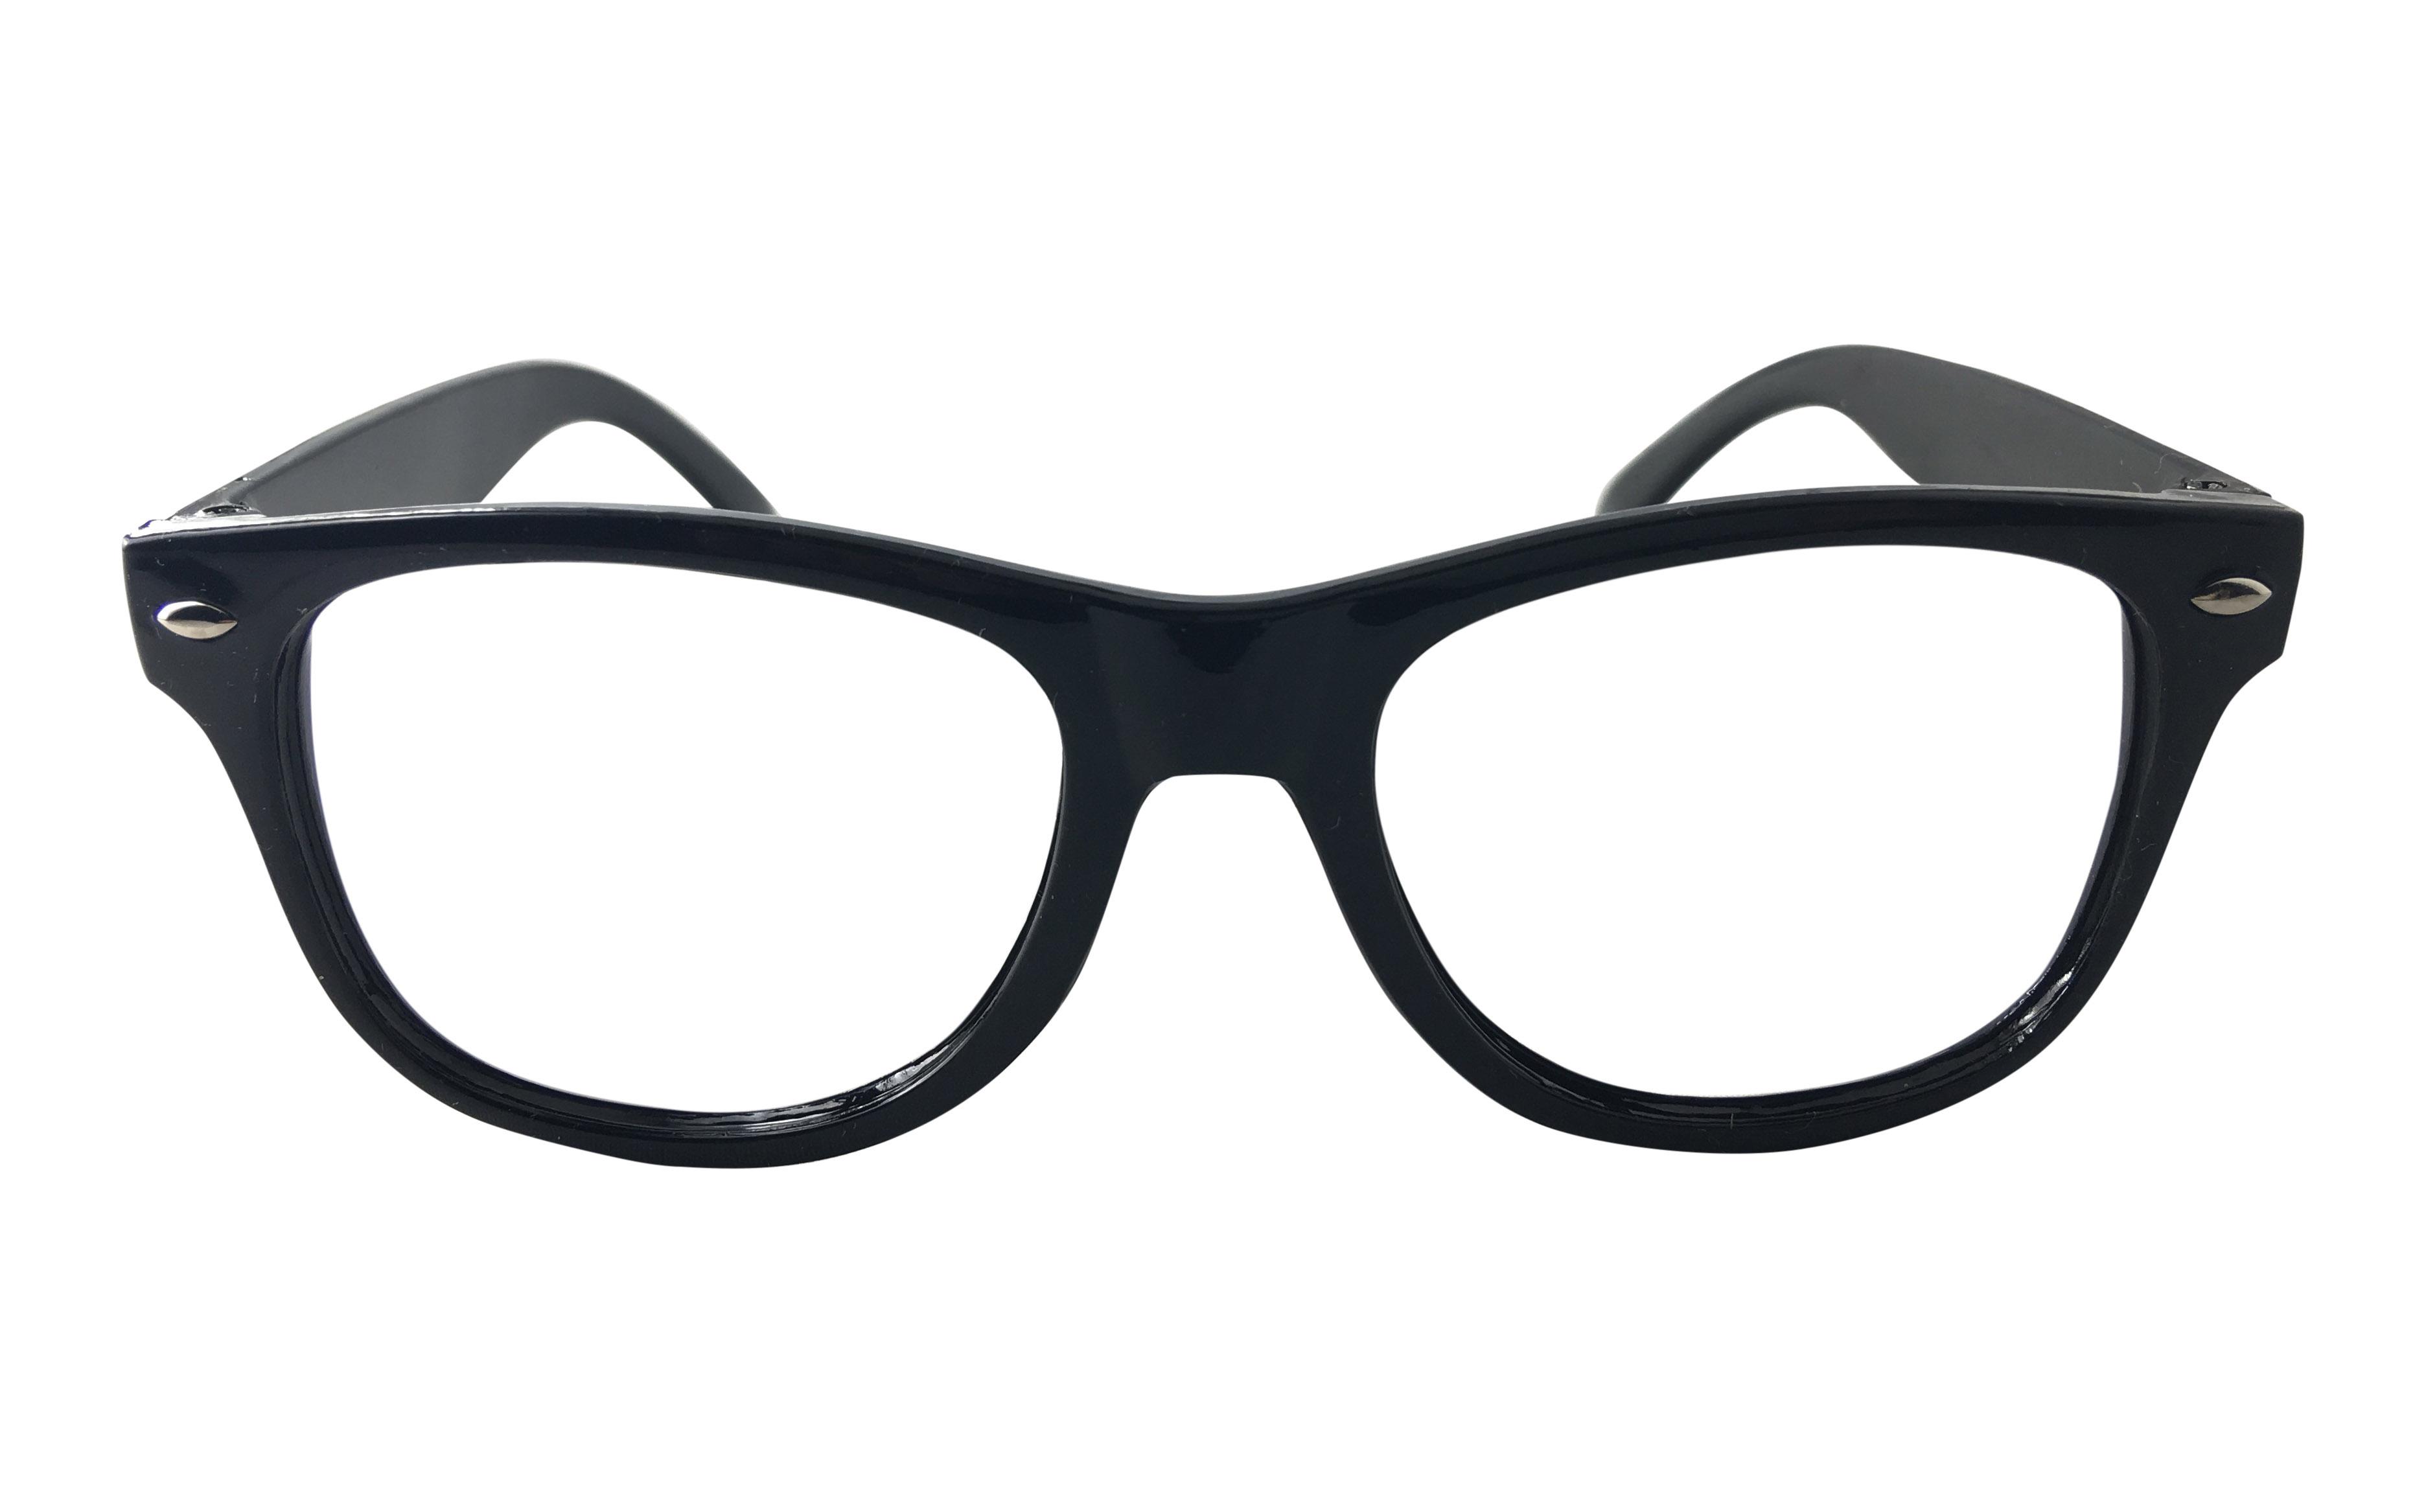 e6ae1d9bf3ac Børne wayfarer brille UDEN GLAS - Design nr. s3293 i Sjove ...